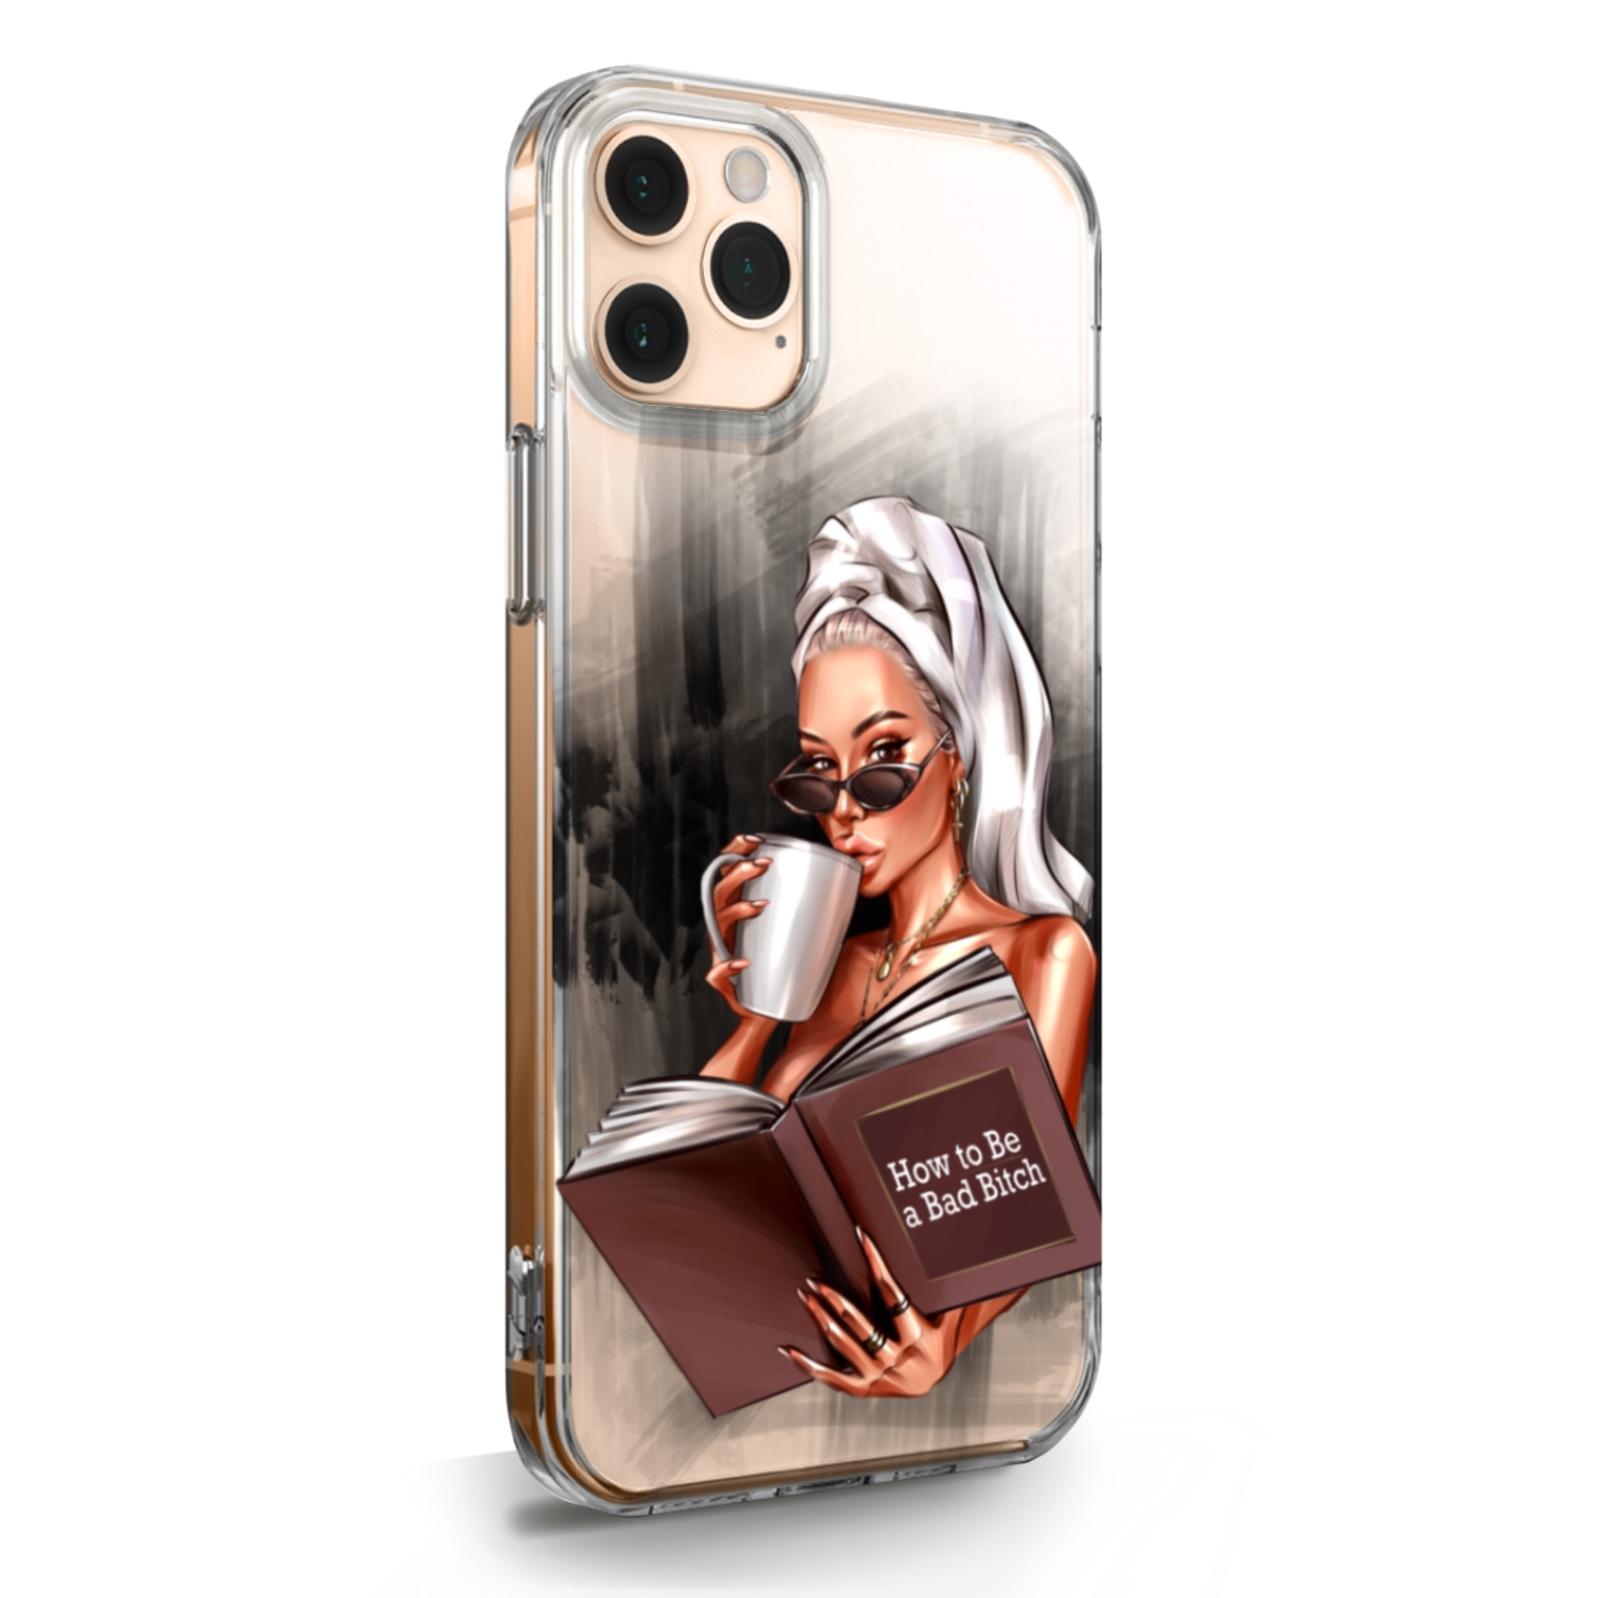 Прозрачный силиконовый чехол для iPhone 11 Pro Max How to be a bad Bitch для Айфон 11 Про Макс